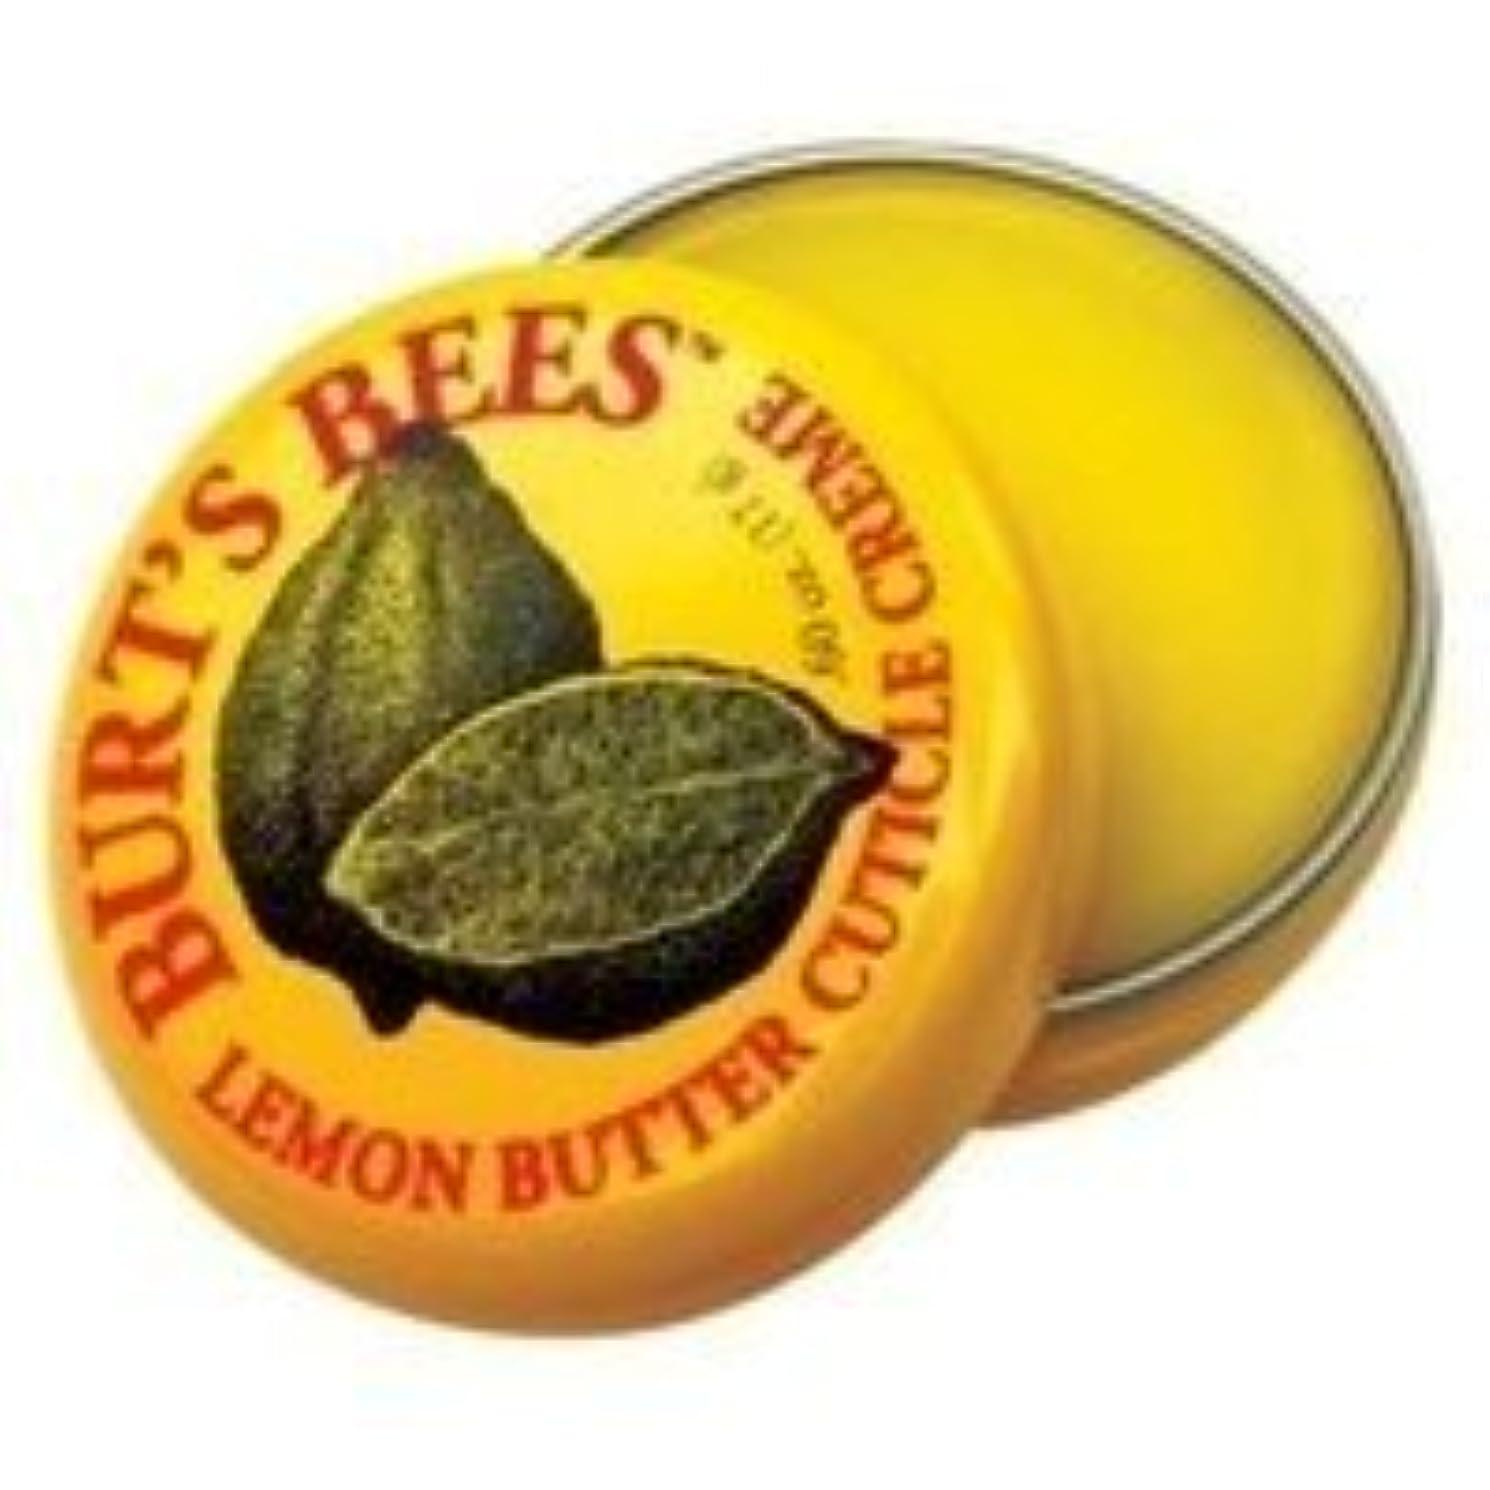 ピアニスト城ピッチバーツビー(バーツビーズ) レモンバターキューティクルクリーム 17g お得な3個セット